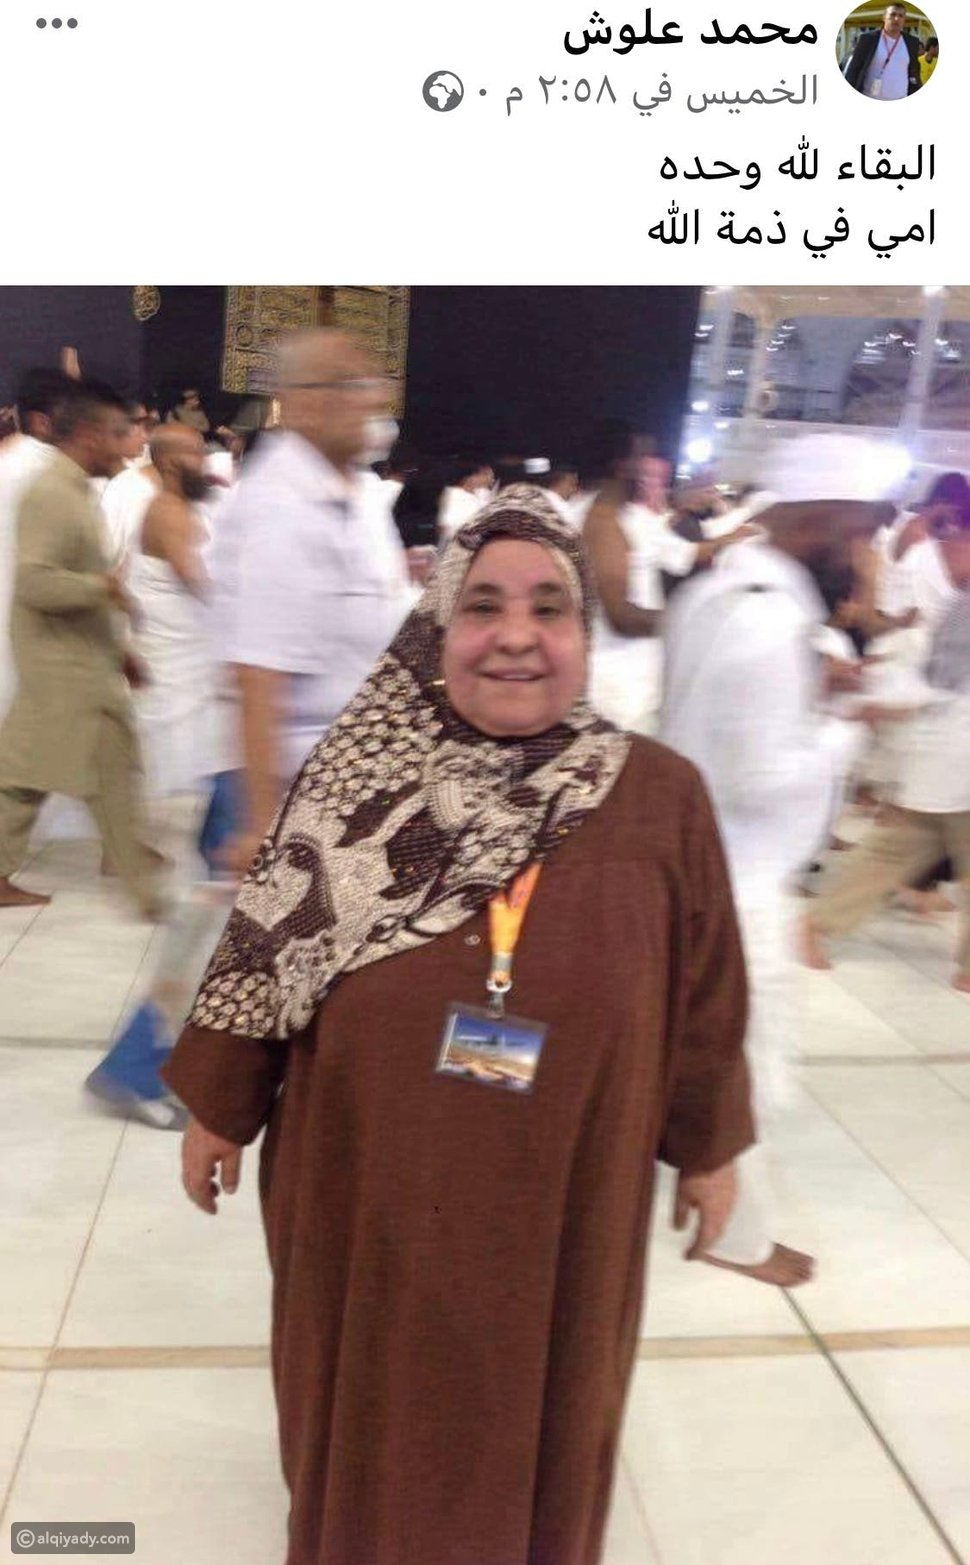 وفاة لاعب كرة مصري سابق متأثراً بإصابته بفيروس كورونا